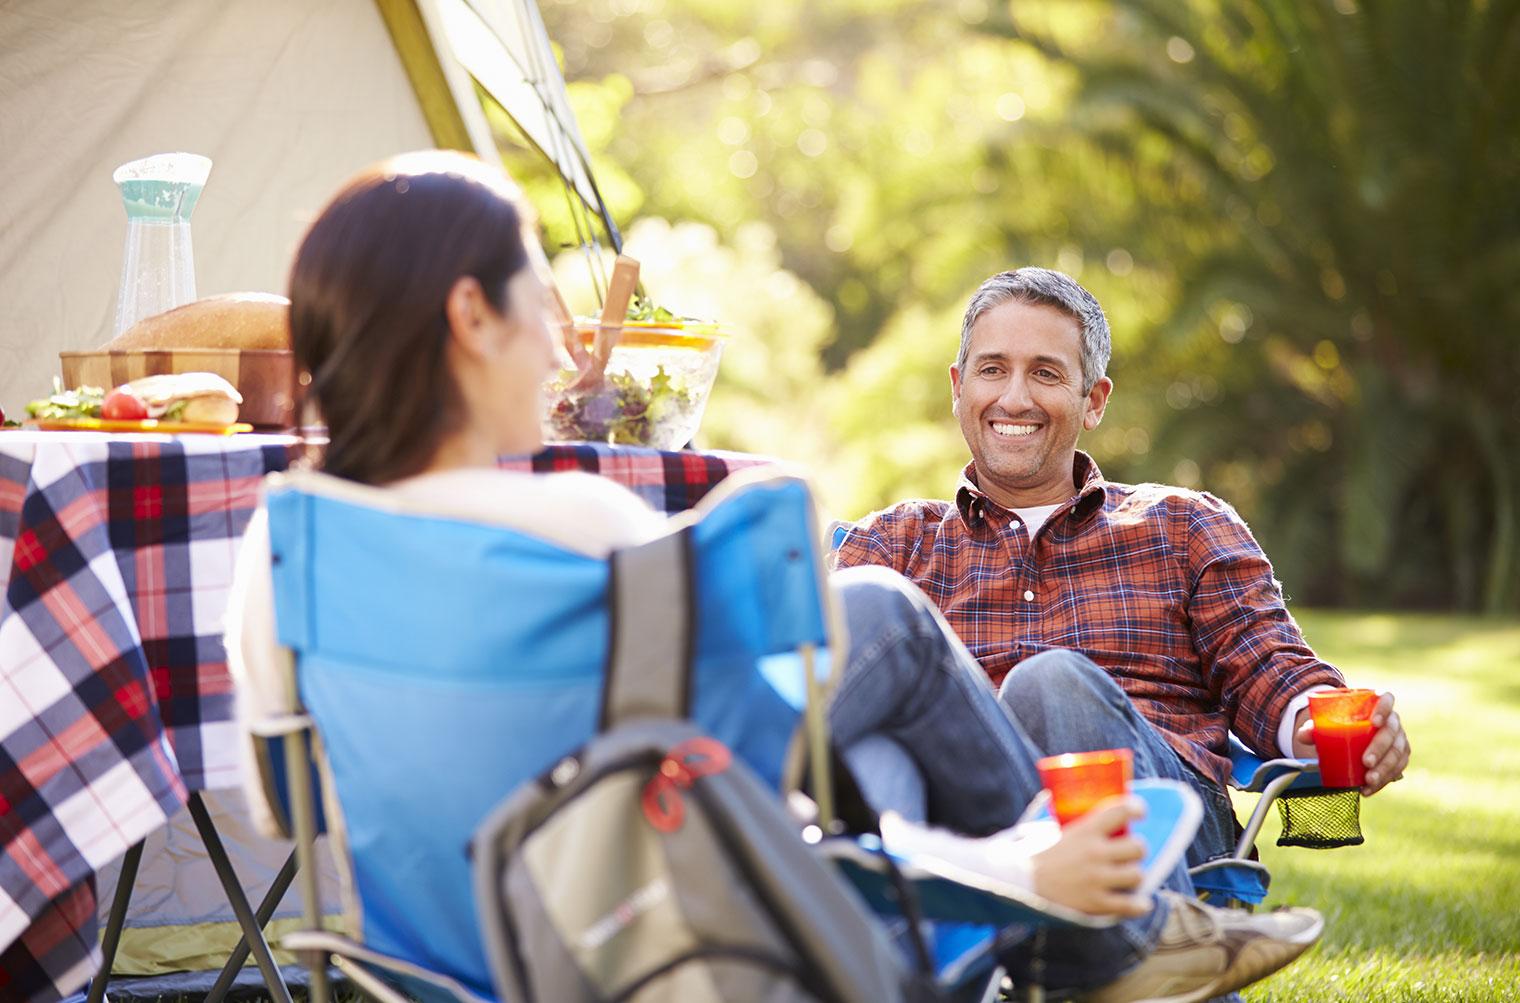 キャンプやフェスの必需品!アウトドアチェアを最適な環境で保管するコツ